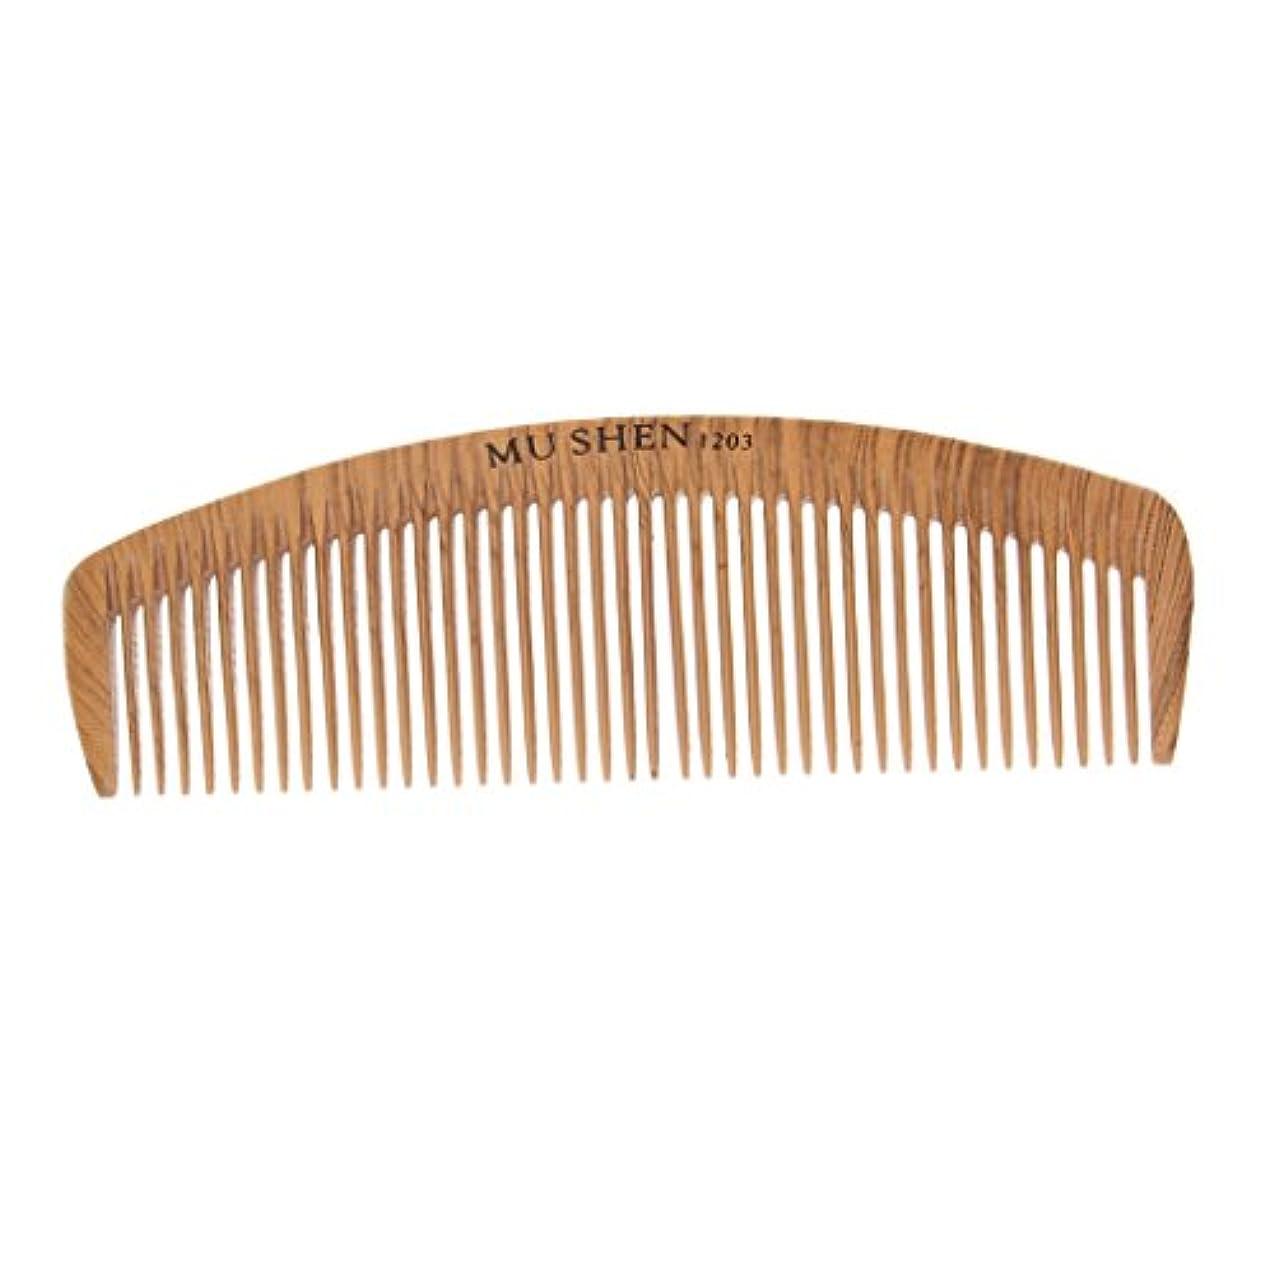 手段大いにニッケル帯電防止ウッドサロン床屋ヘアスタイリング理髪切削くしヘアブラシ - 1203